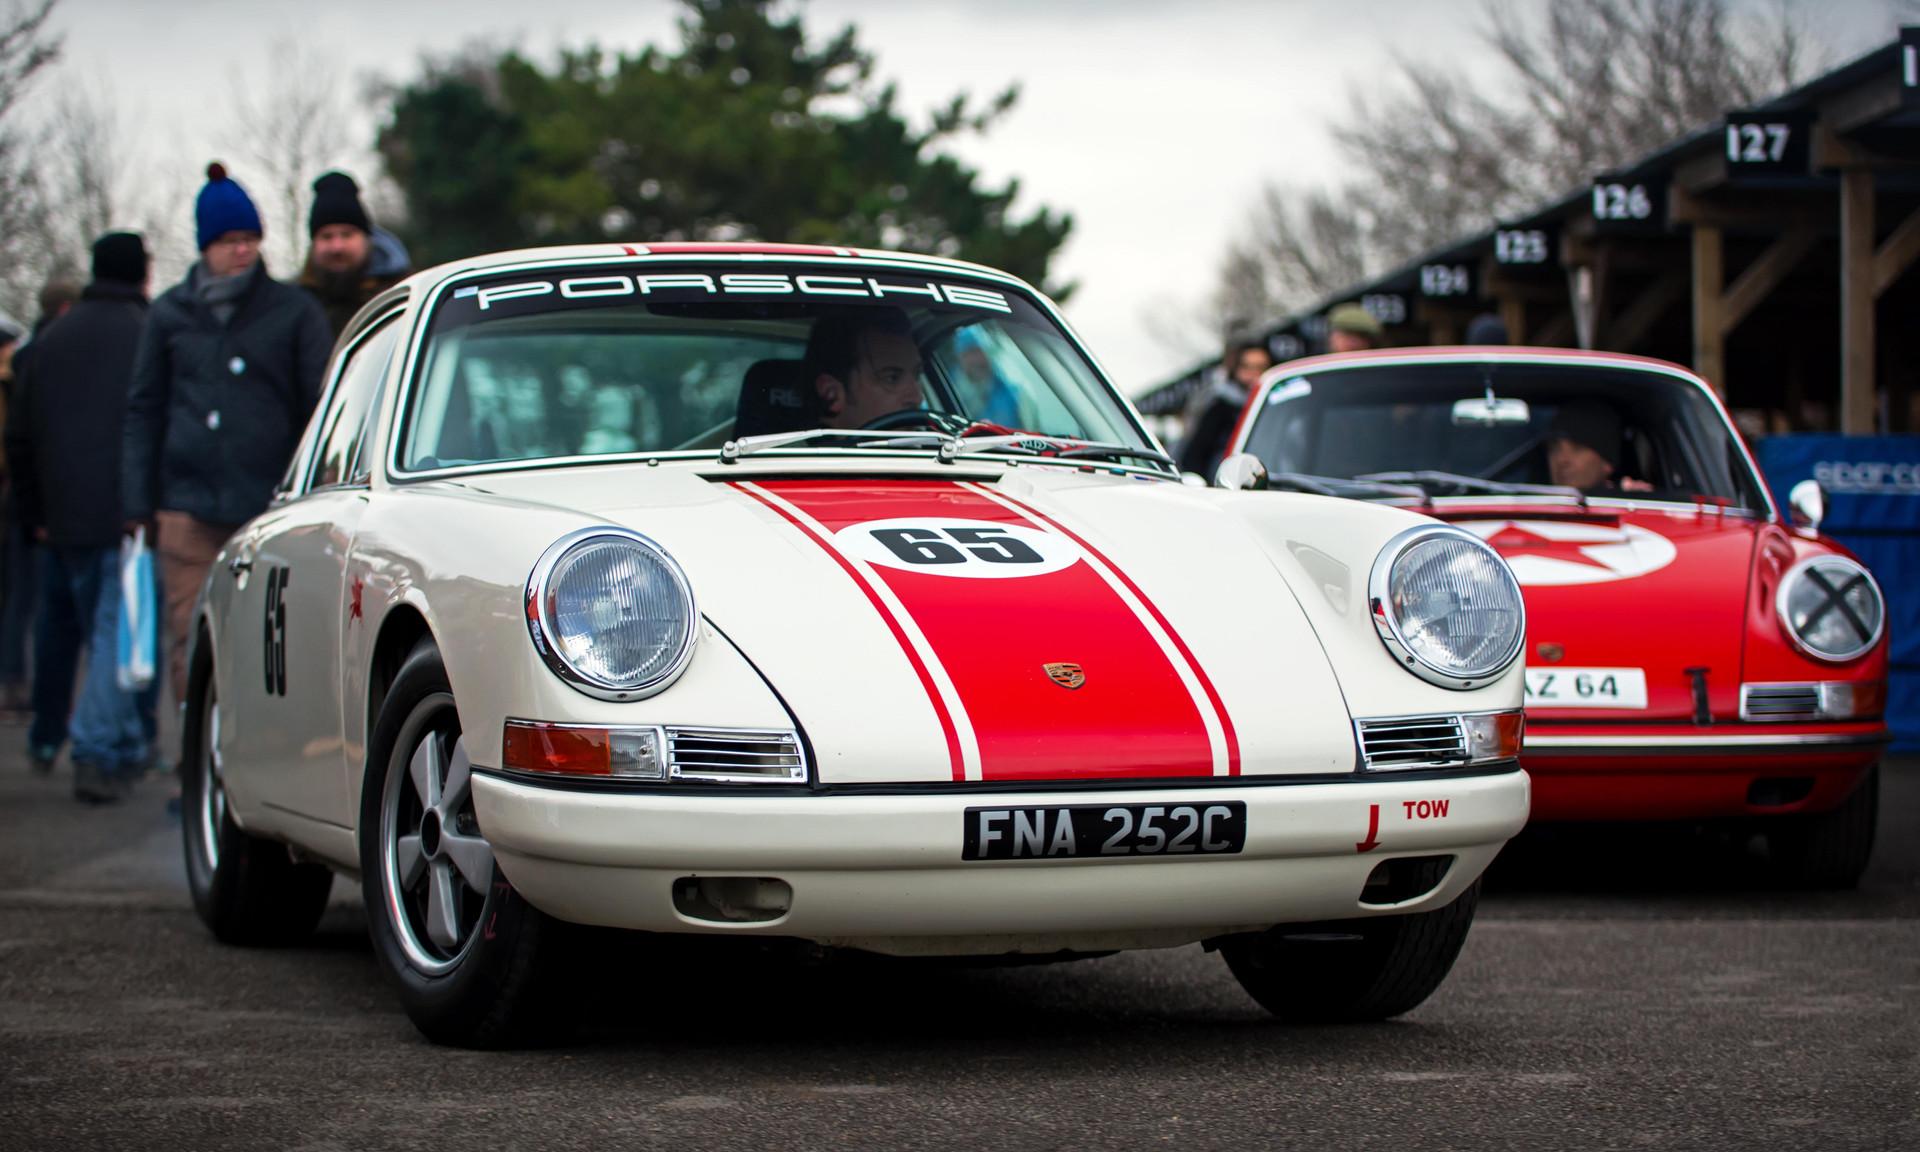 Mark Bates' 1965 Porsche 911 at the Goodwood 76MM